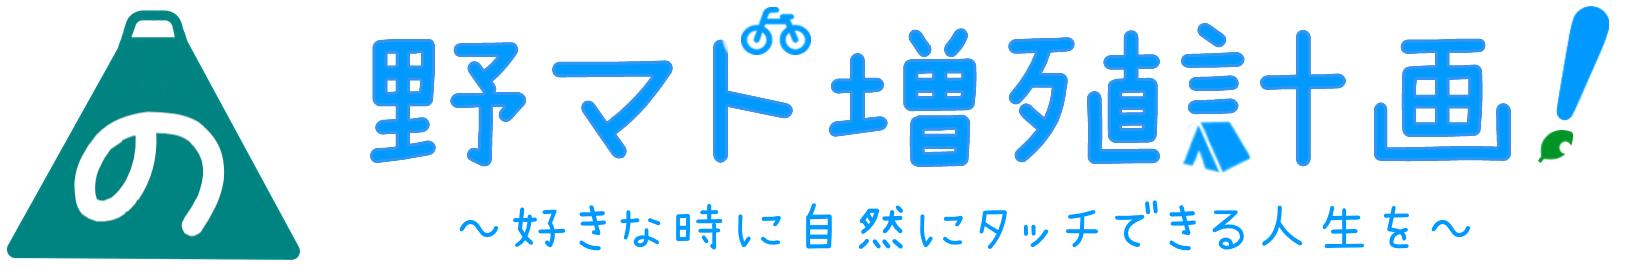 野マド増殖計画!